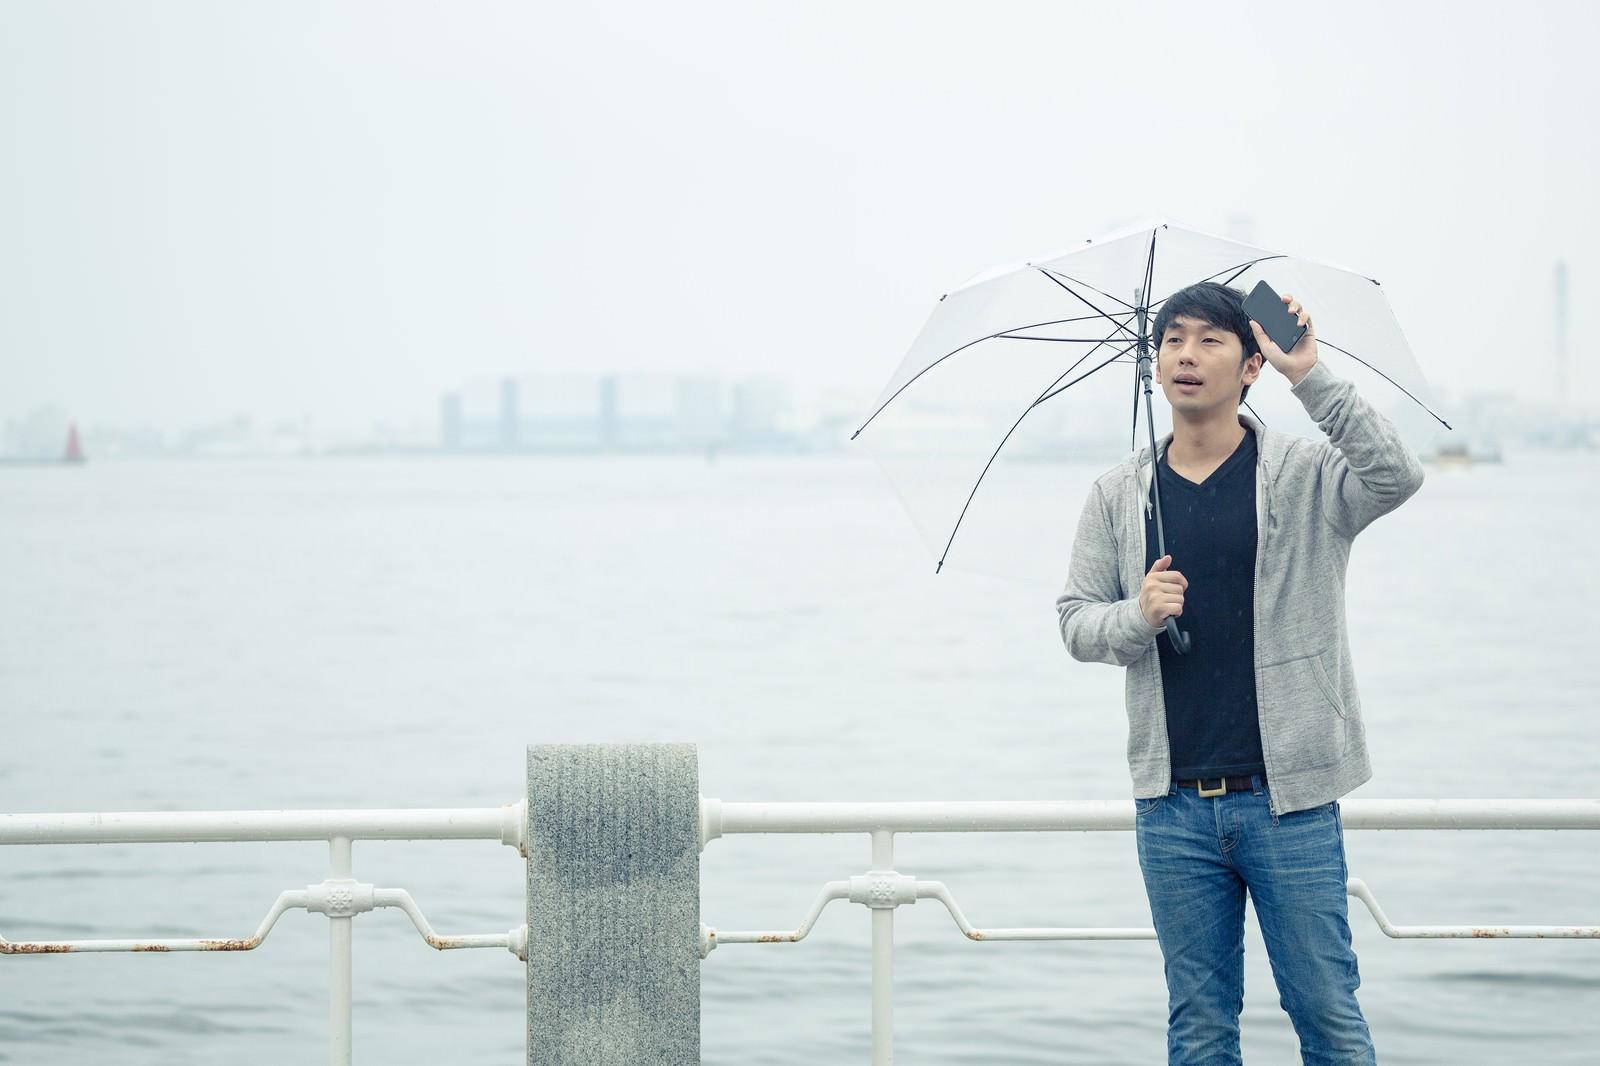 「雨の中、遅刻してきた彼雨の中、遅刻してきた彼」[モデル:大川竜弥]のフリー写真素材を拡大